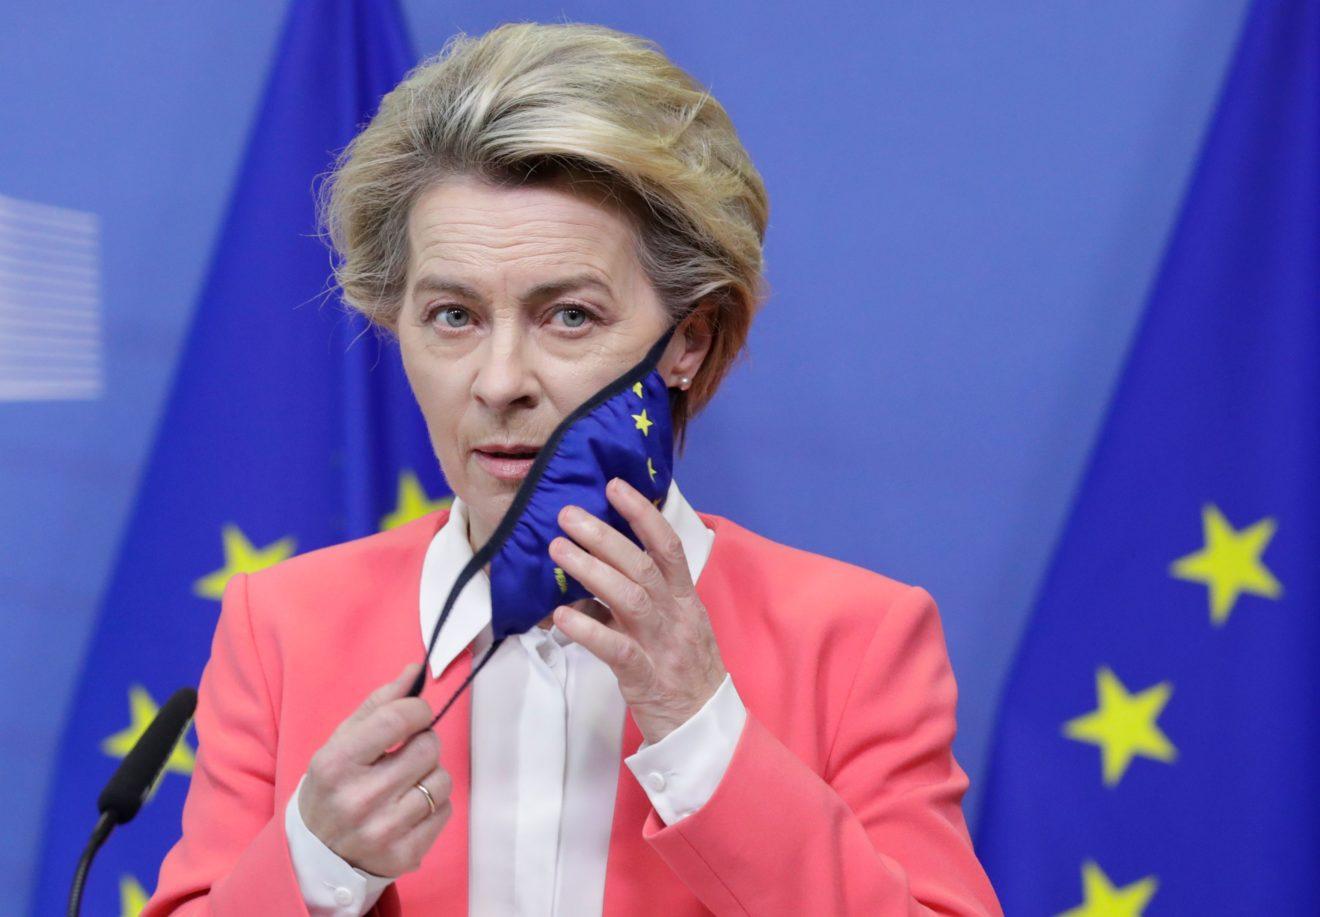 Défaillances et retards dans la vaccination contre la Covid-19 : Le mea-culpa de Ursula von der Leyen, présidente de la commission de l'Union Européenne.